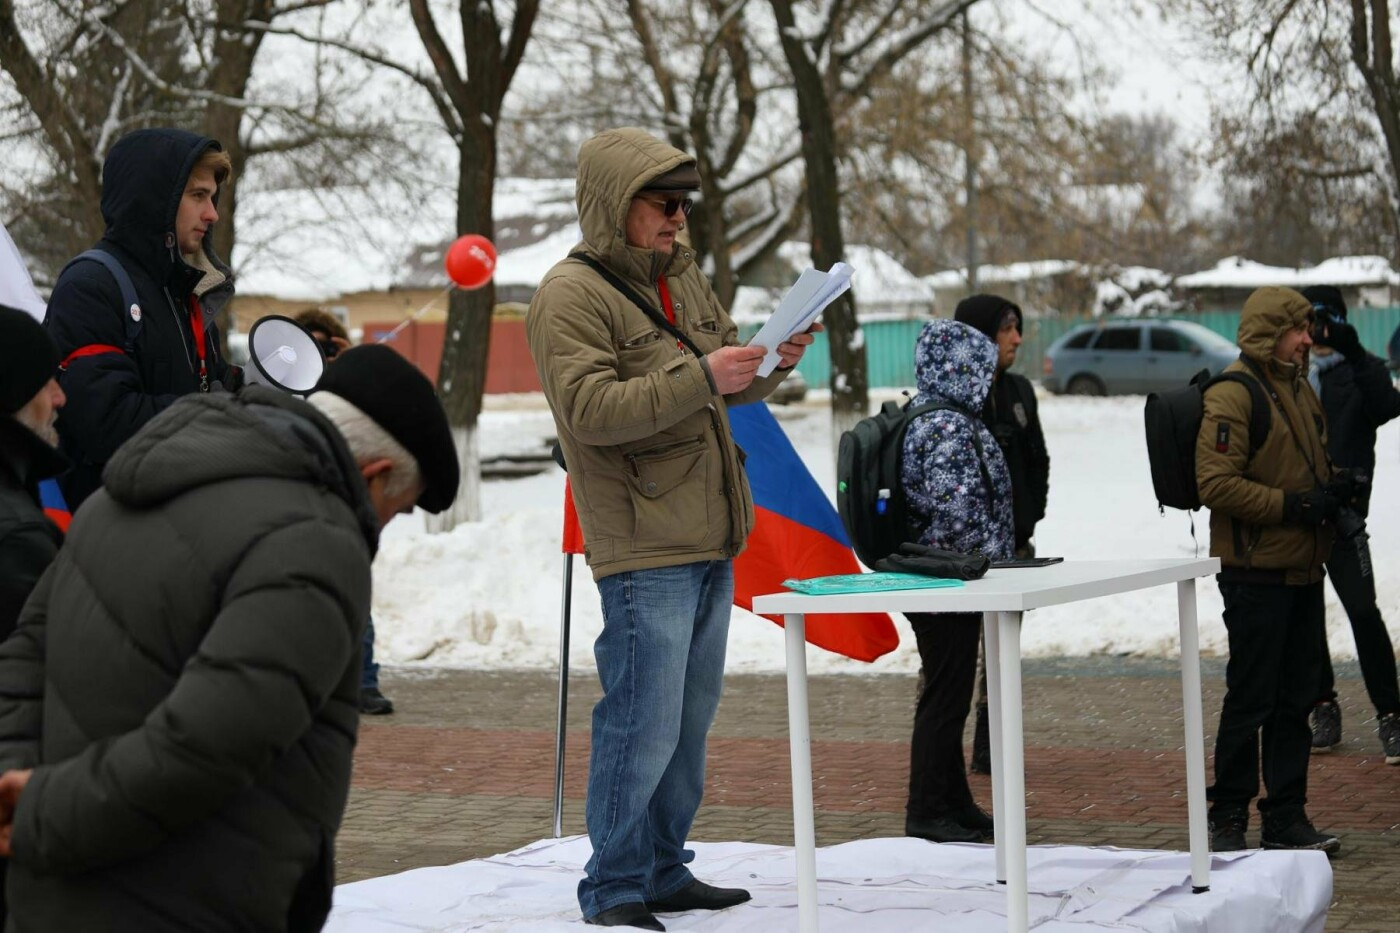 В Белгороде у Дома офицеров прошла «забастовка избирателей» — фоторепортаж, фото-6